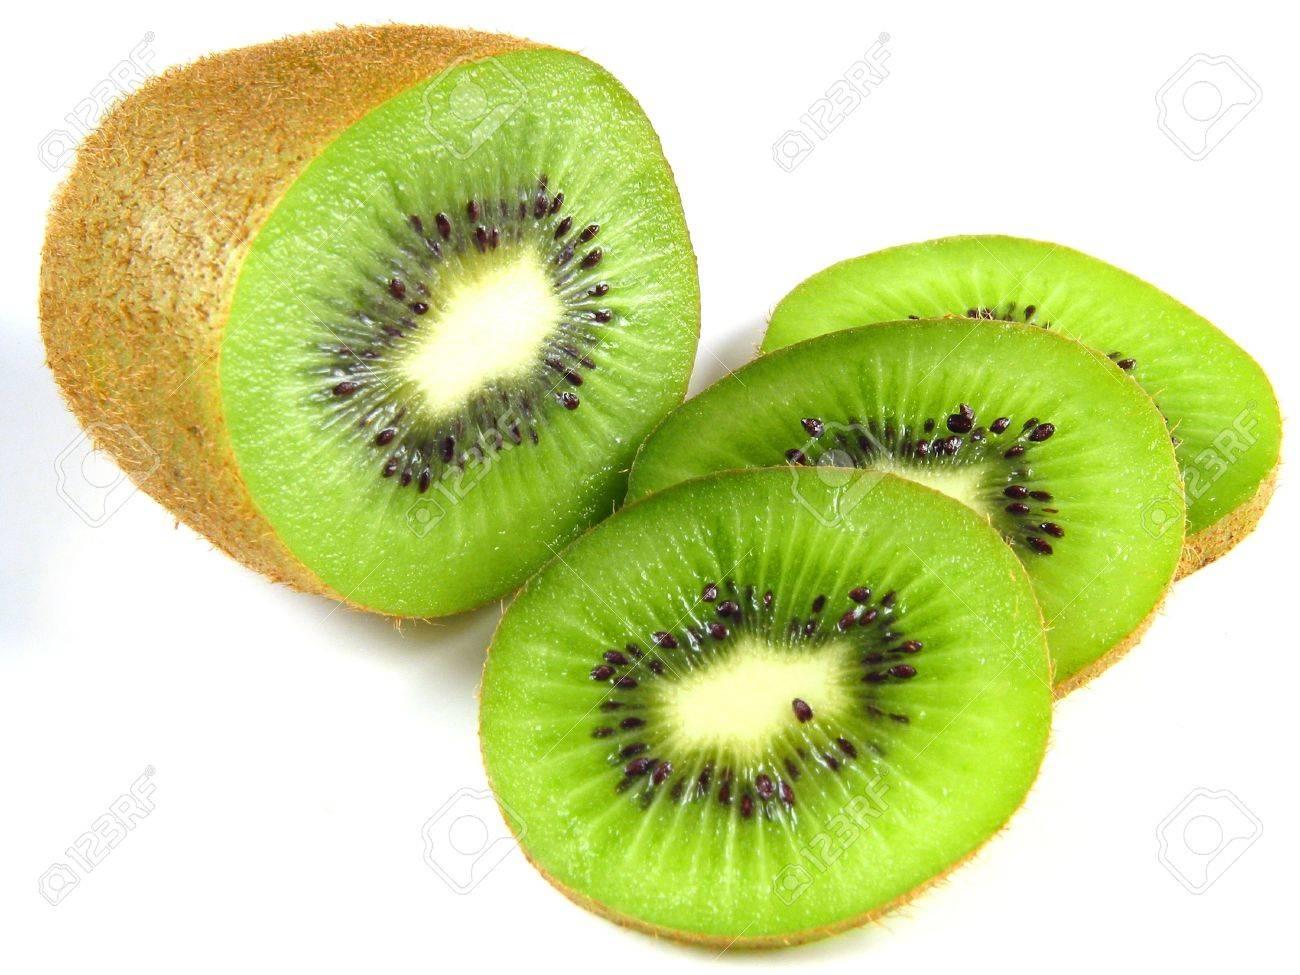 c vitamin i kiwi